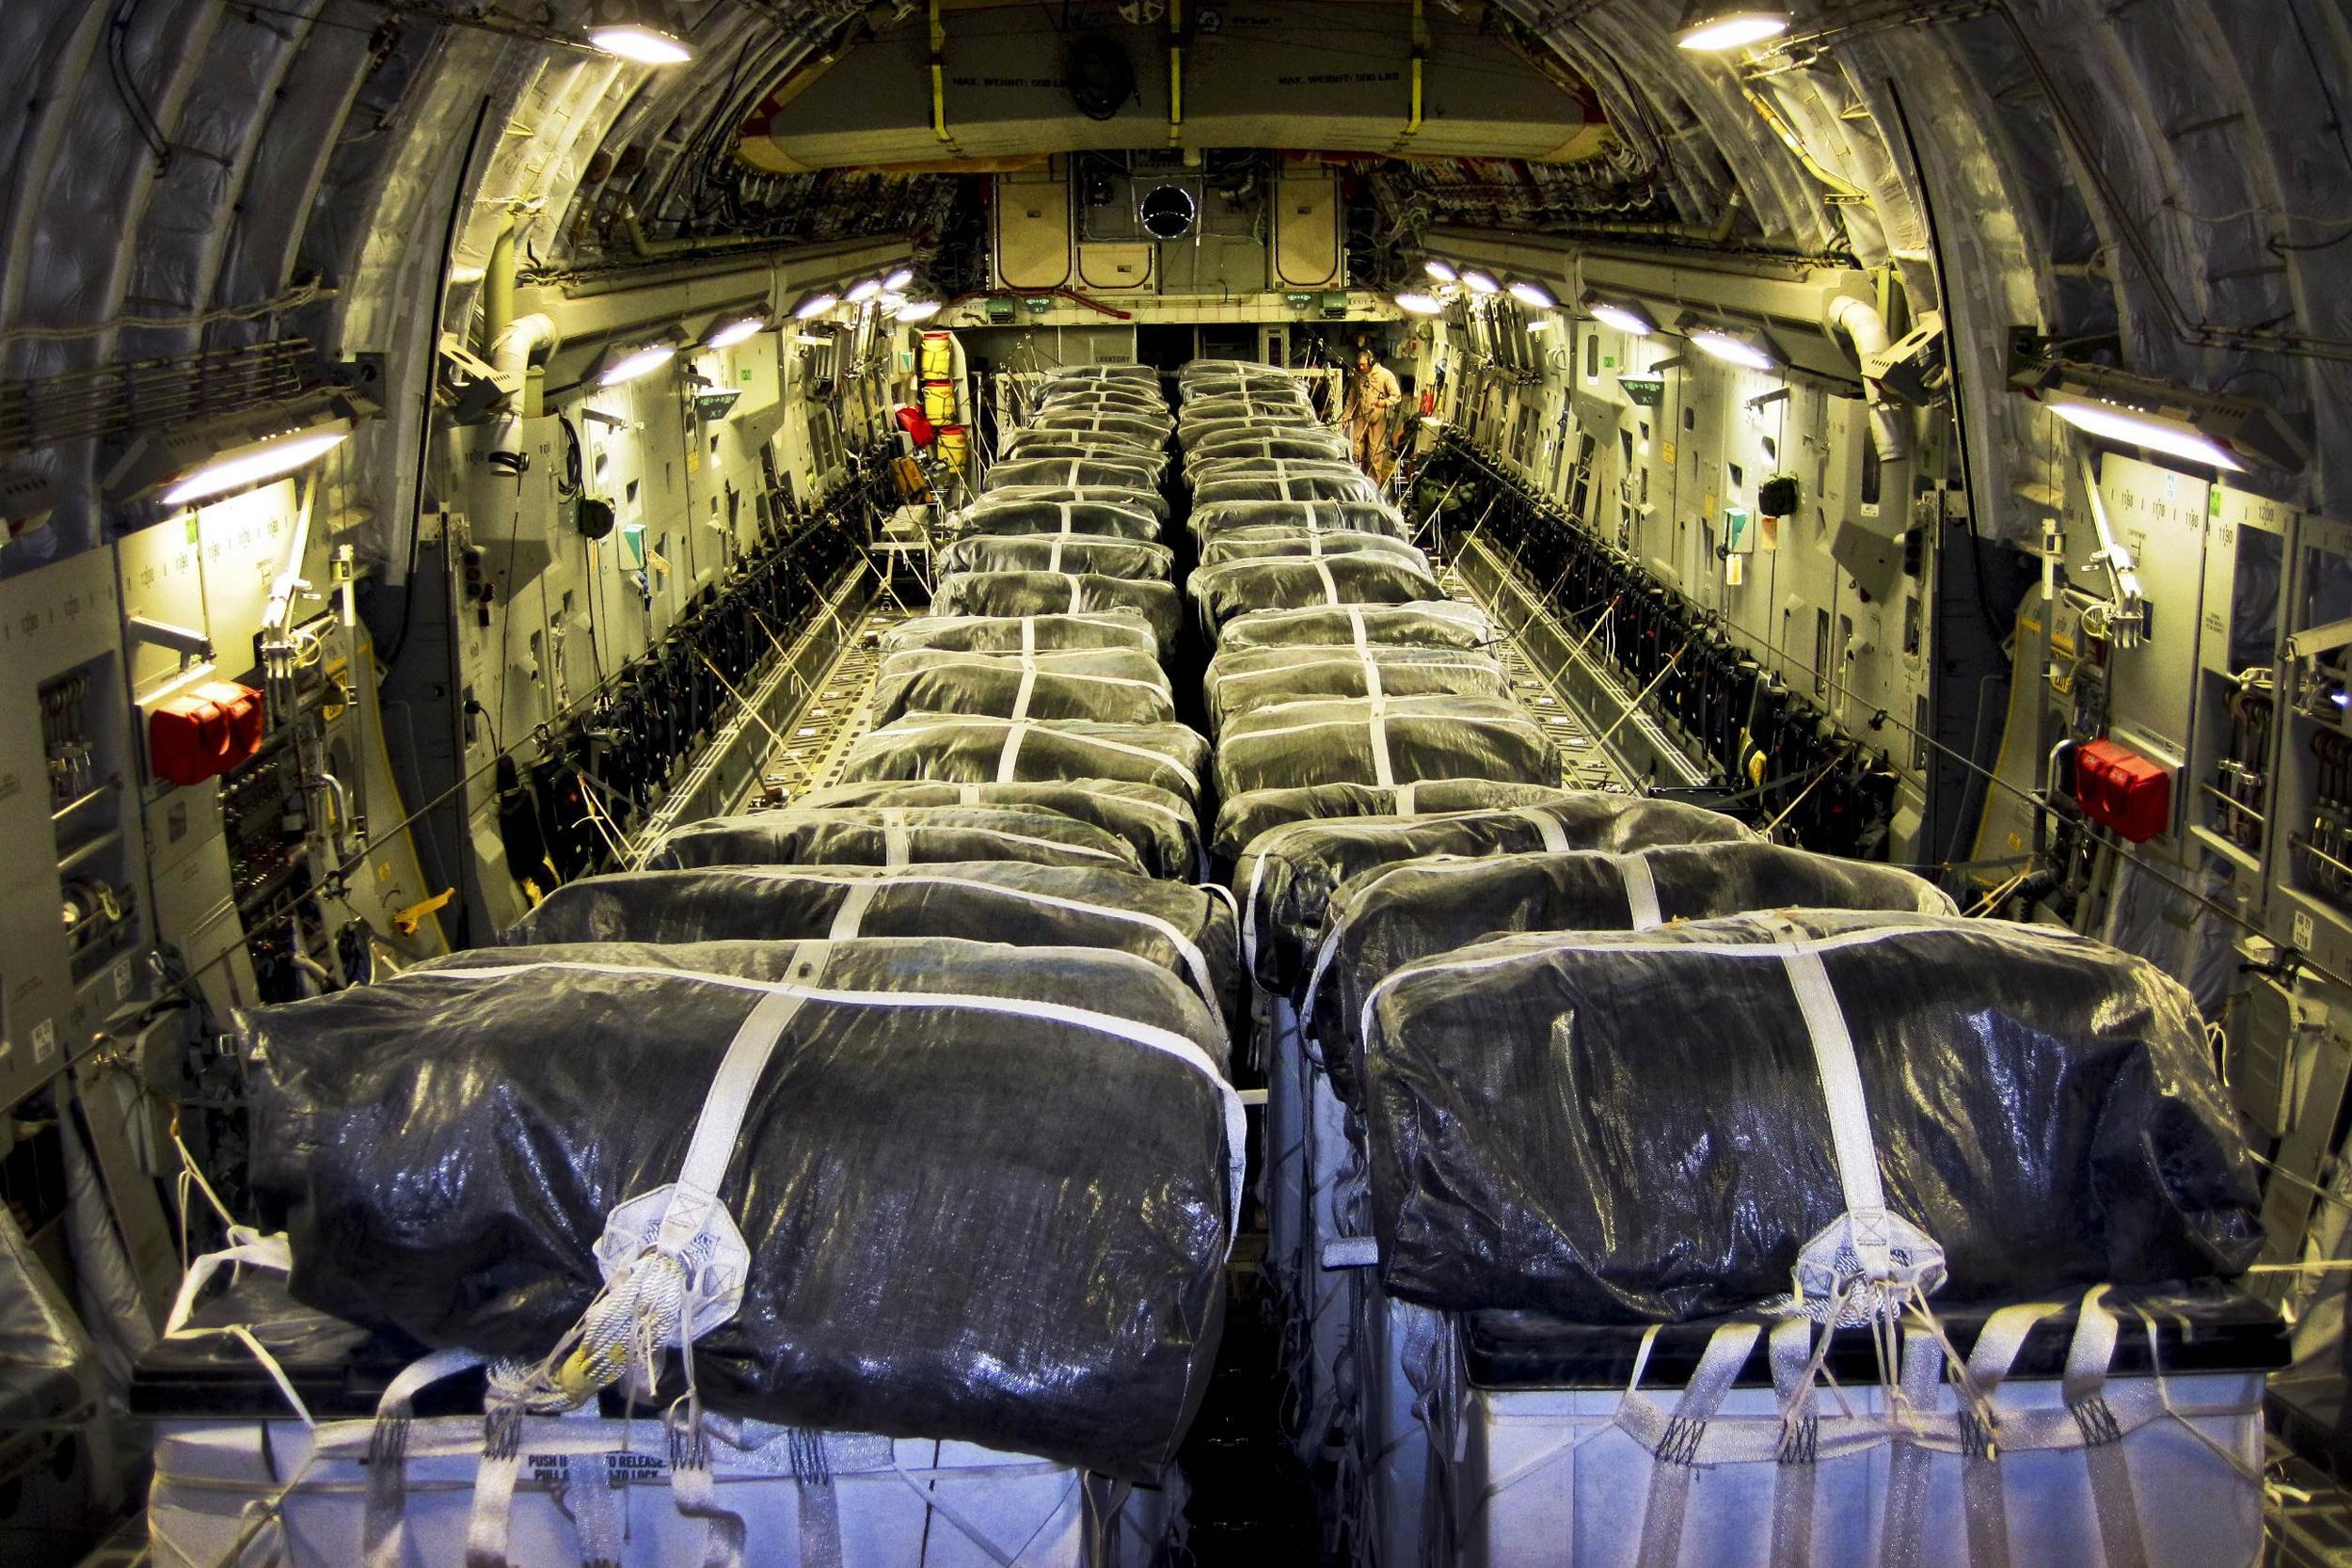 140808-iraq-humanitarian-aid-jsw-1101p_bb0add581ead26a4d05bb5a10b05926e